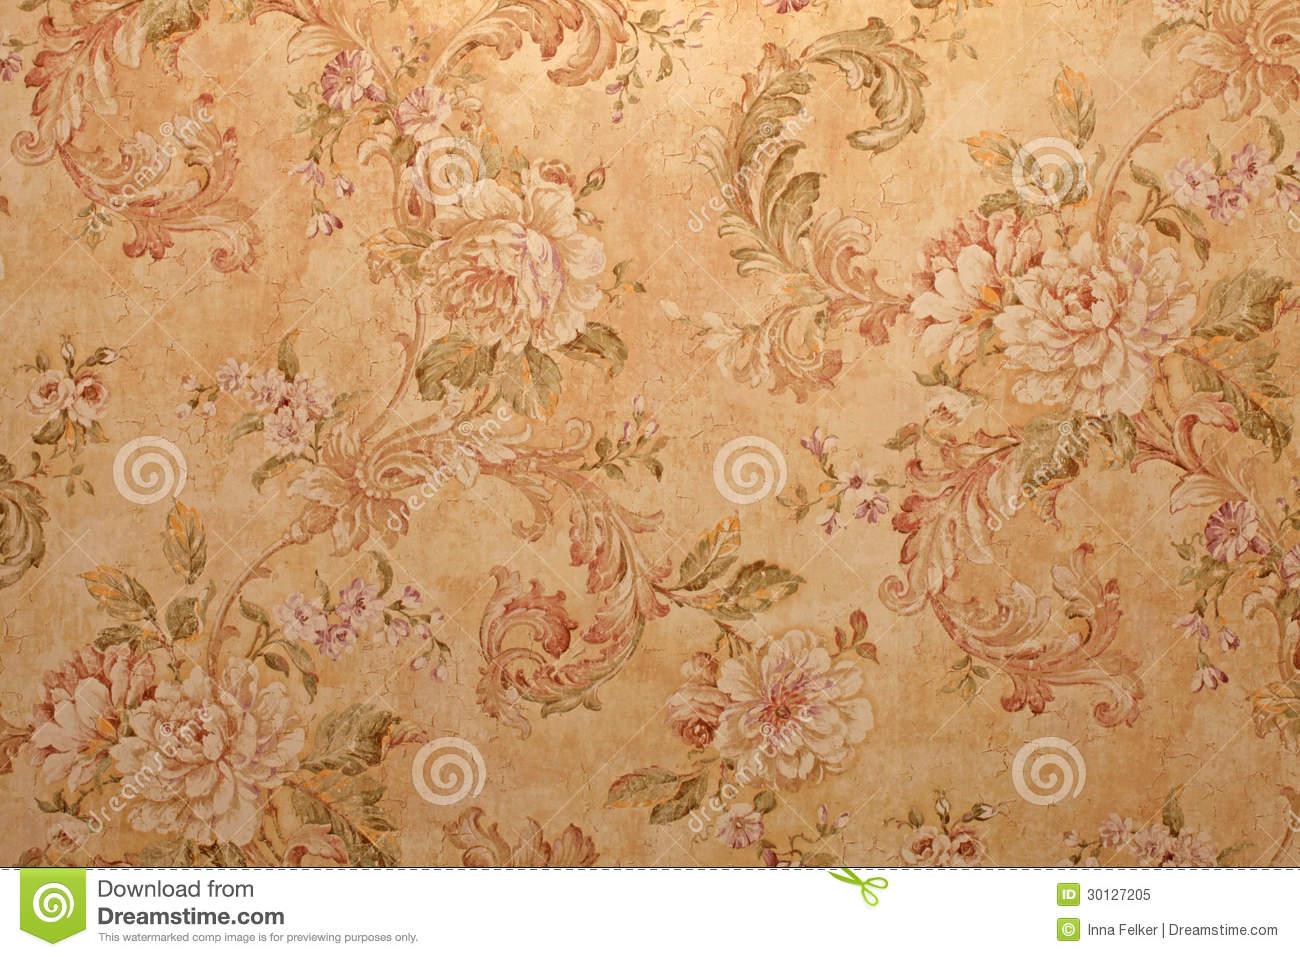 Free Download Vintage Victorian Floral Wallpaper Vintage Wallpaper